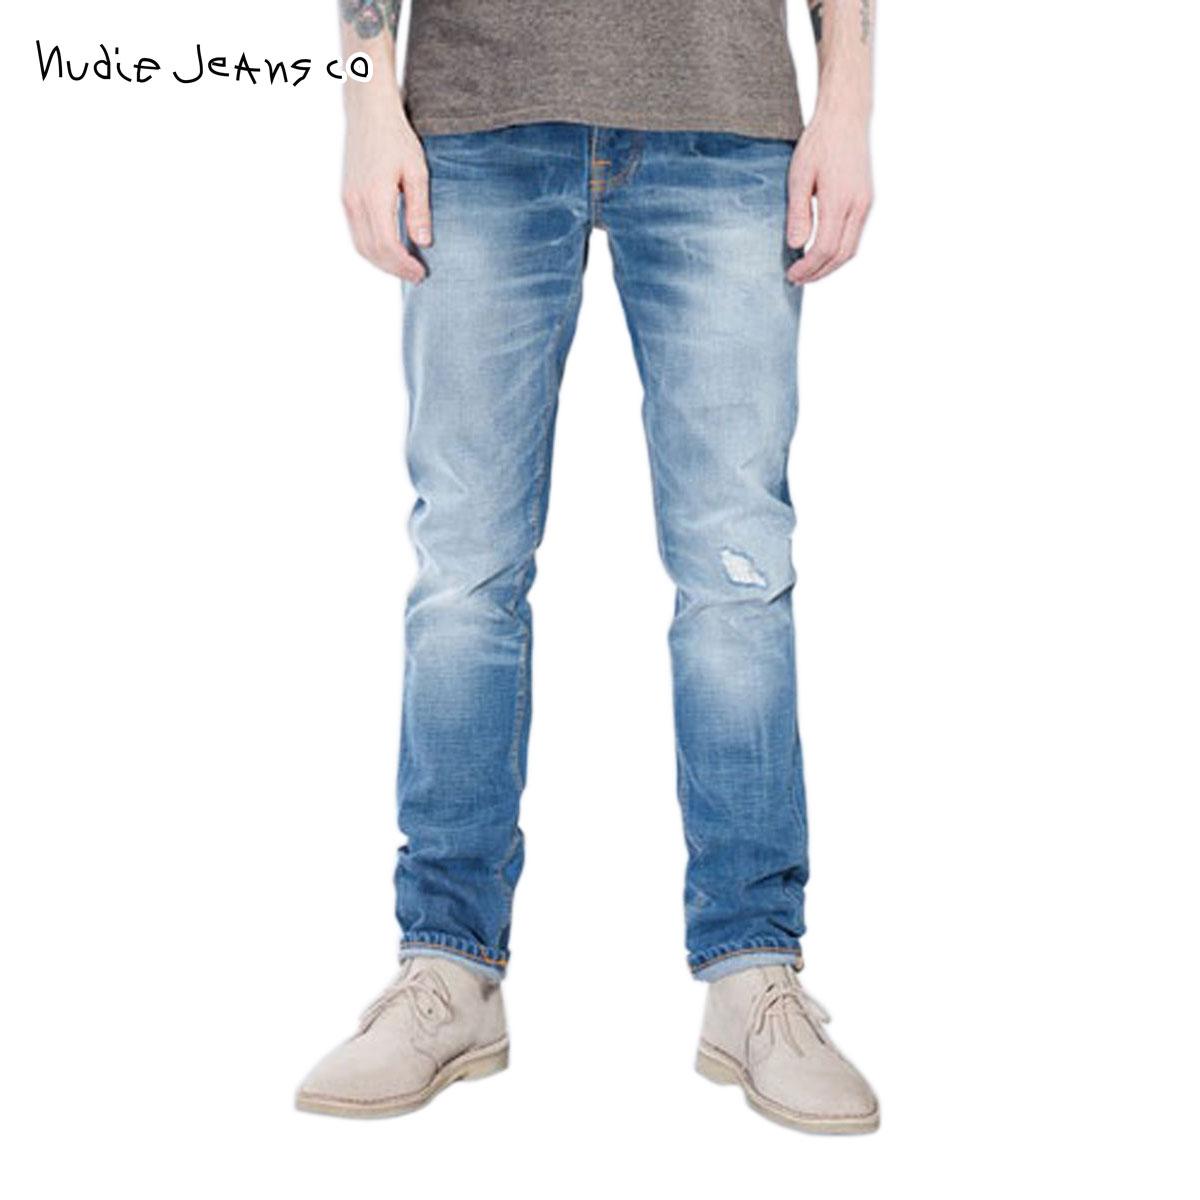 ヌーディージーンズ Nudie Jeans 正規販売店 メンズ ジーンズ Grim Tim 416 1117300 1173 Johny Replica D00S20